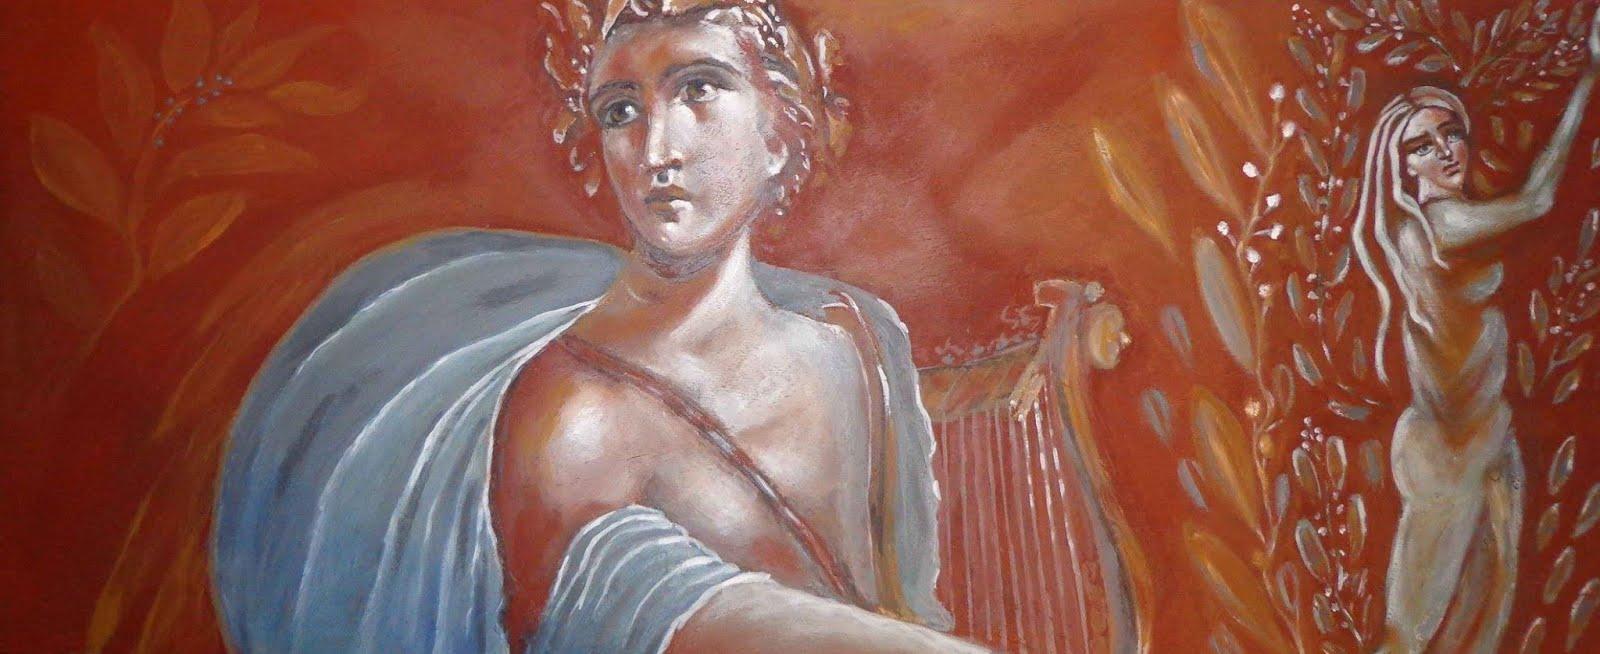 """Σημαντική Εικαστικός -Αγιογράφος η Μαρία Μηλιώνη δηλώνει πως """"Ο καλλιτέχνης οφείλει να αναπτύσσει,"""